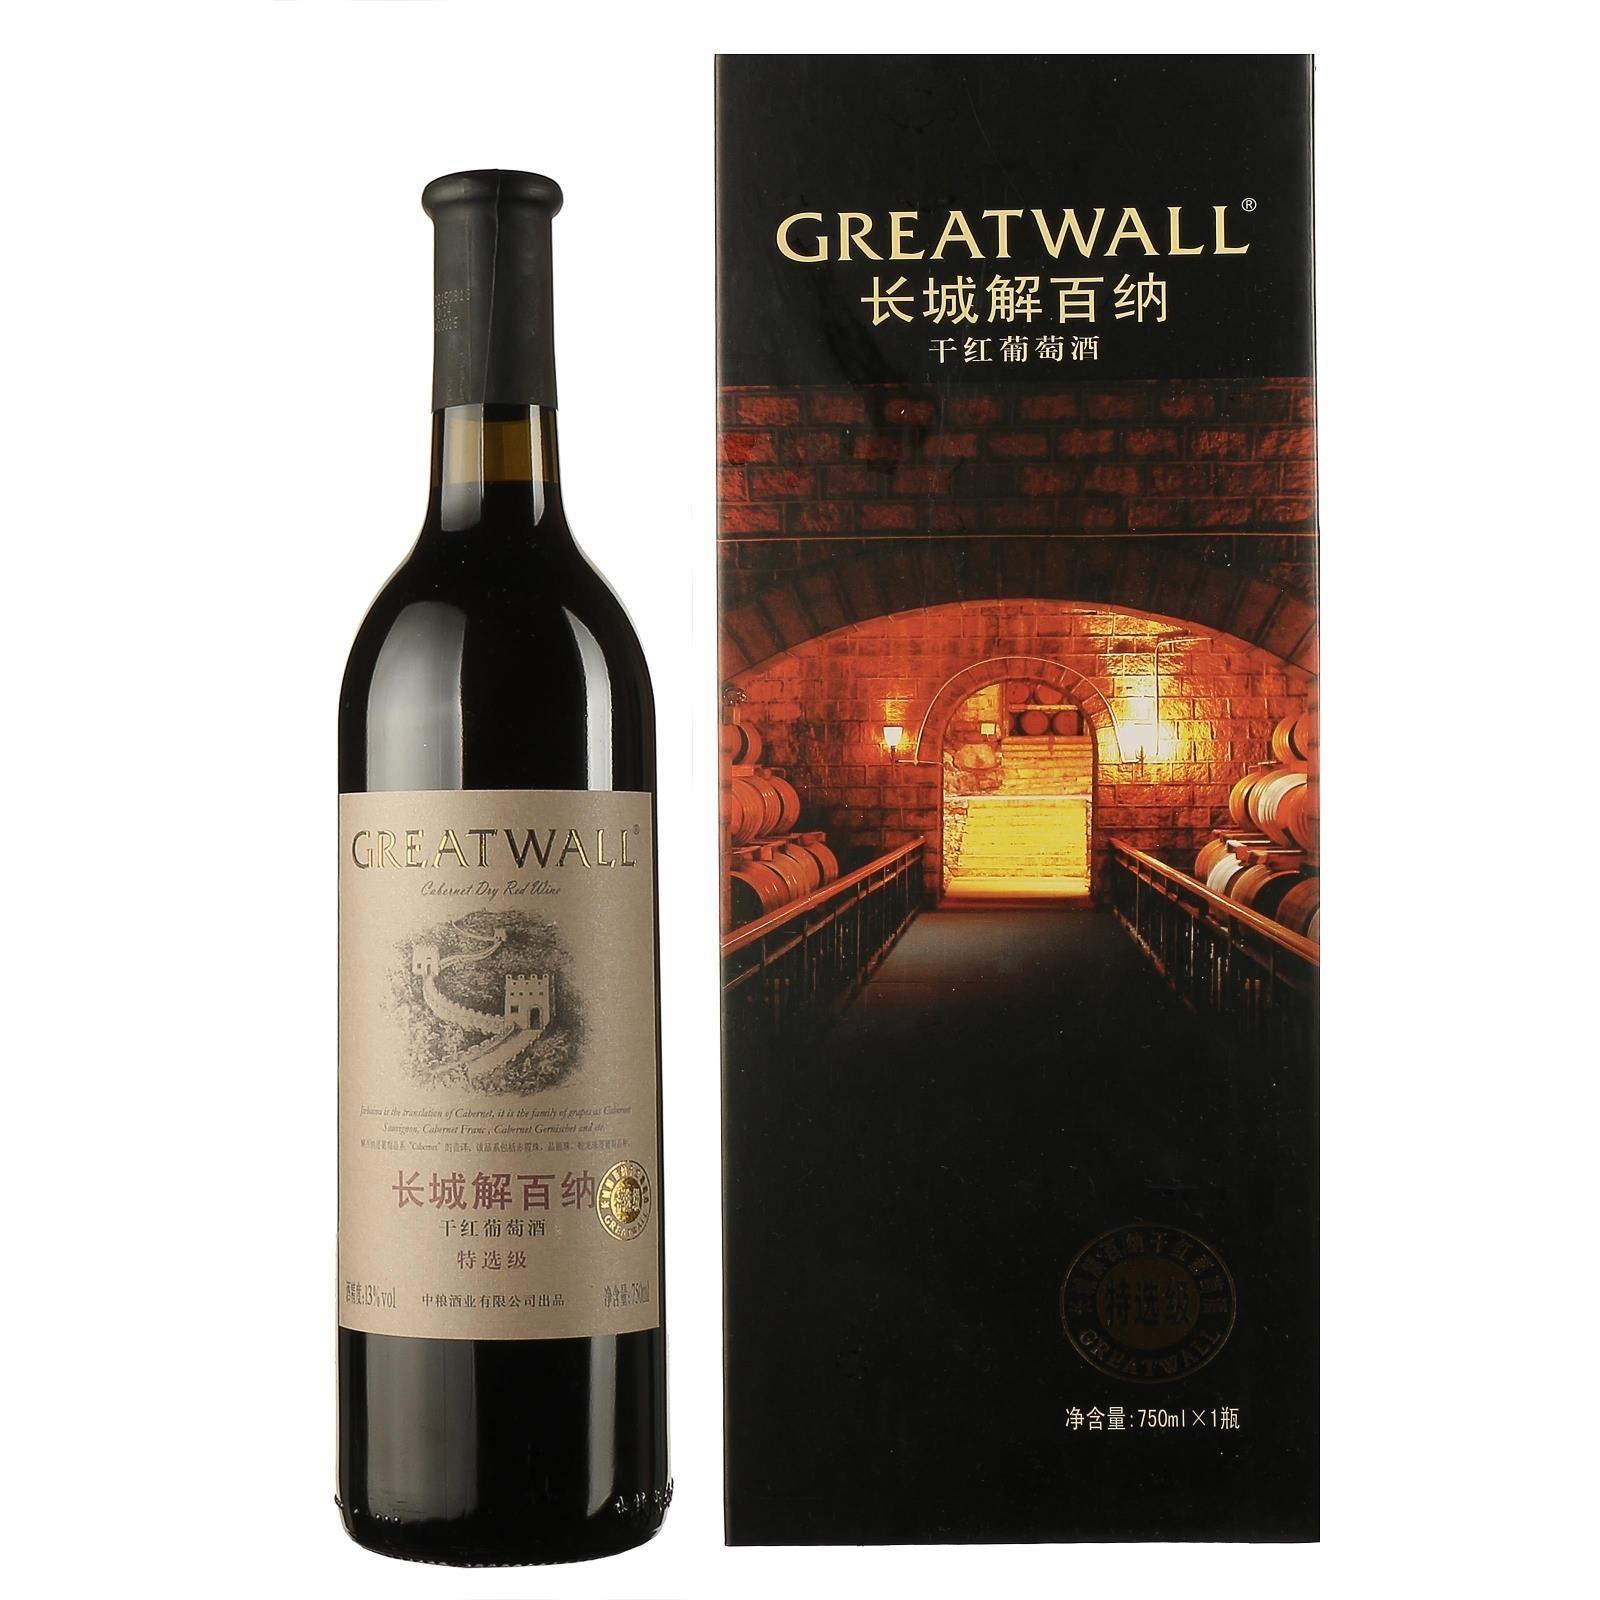 长城解百纳特选级干红葡萄酒 中粮出品  750m l礼盒装 送礼佳品